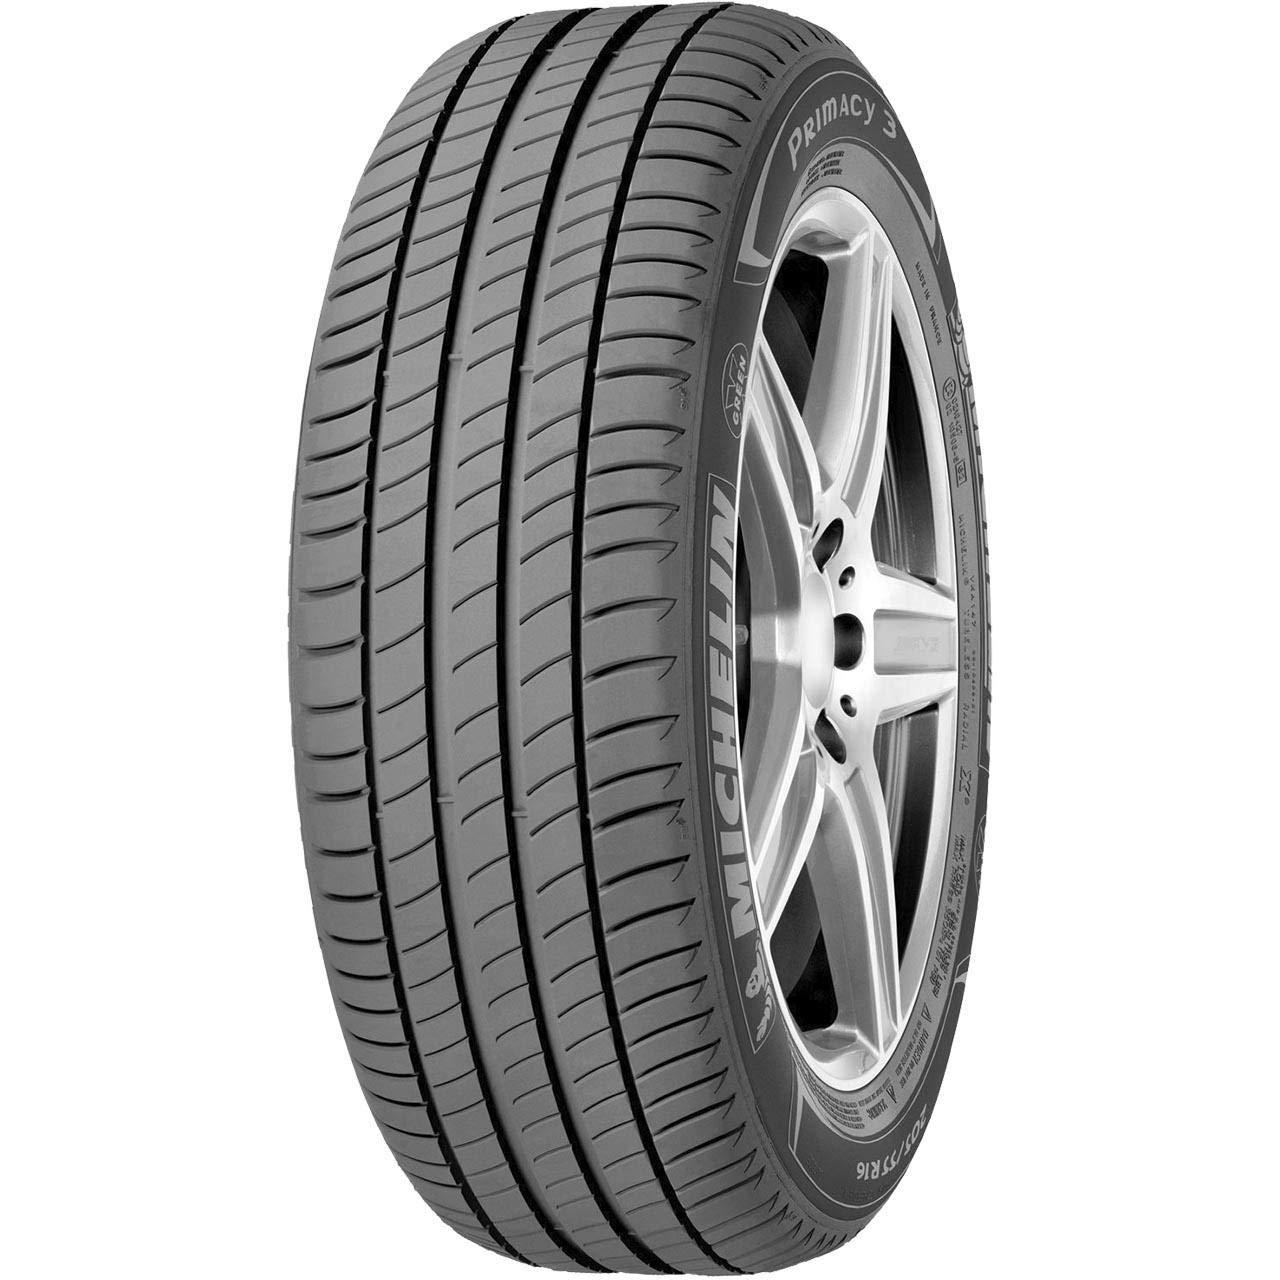 Pneumatici Michelin Primacy 3 Ao1 215//50 R18 92W Estivi